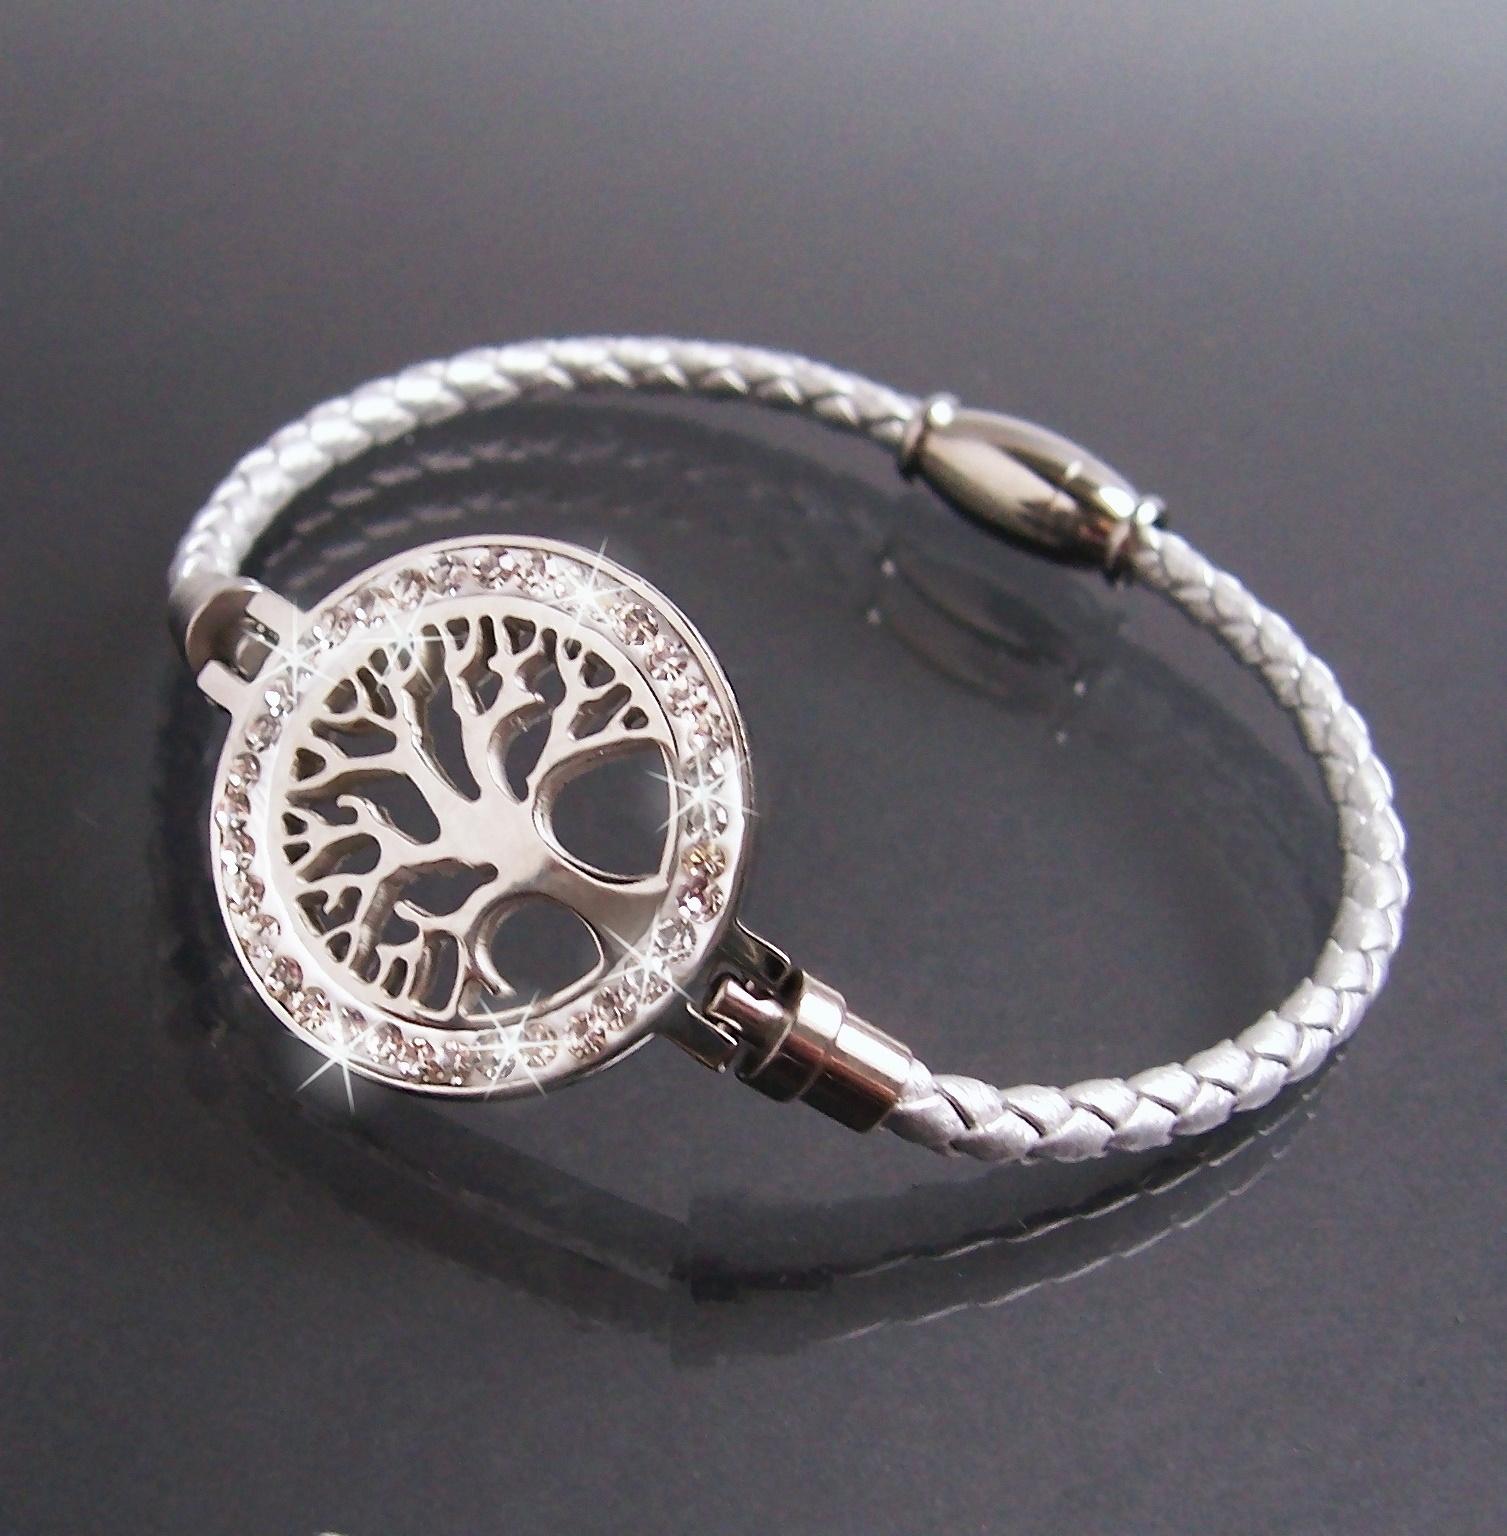 Armband Leder silber Edelstahl Lebensbaum Strass Schmuck A77706